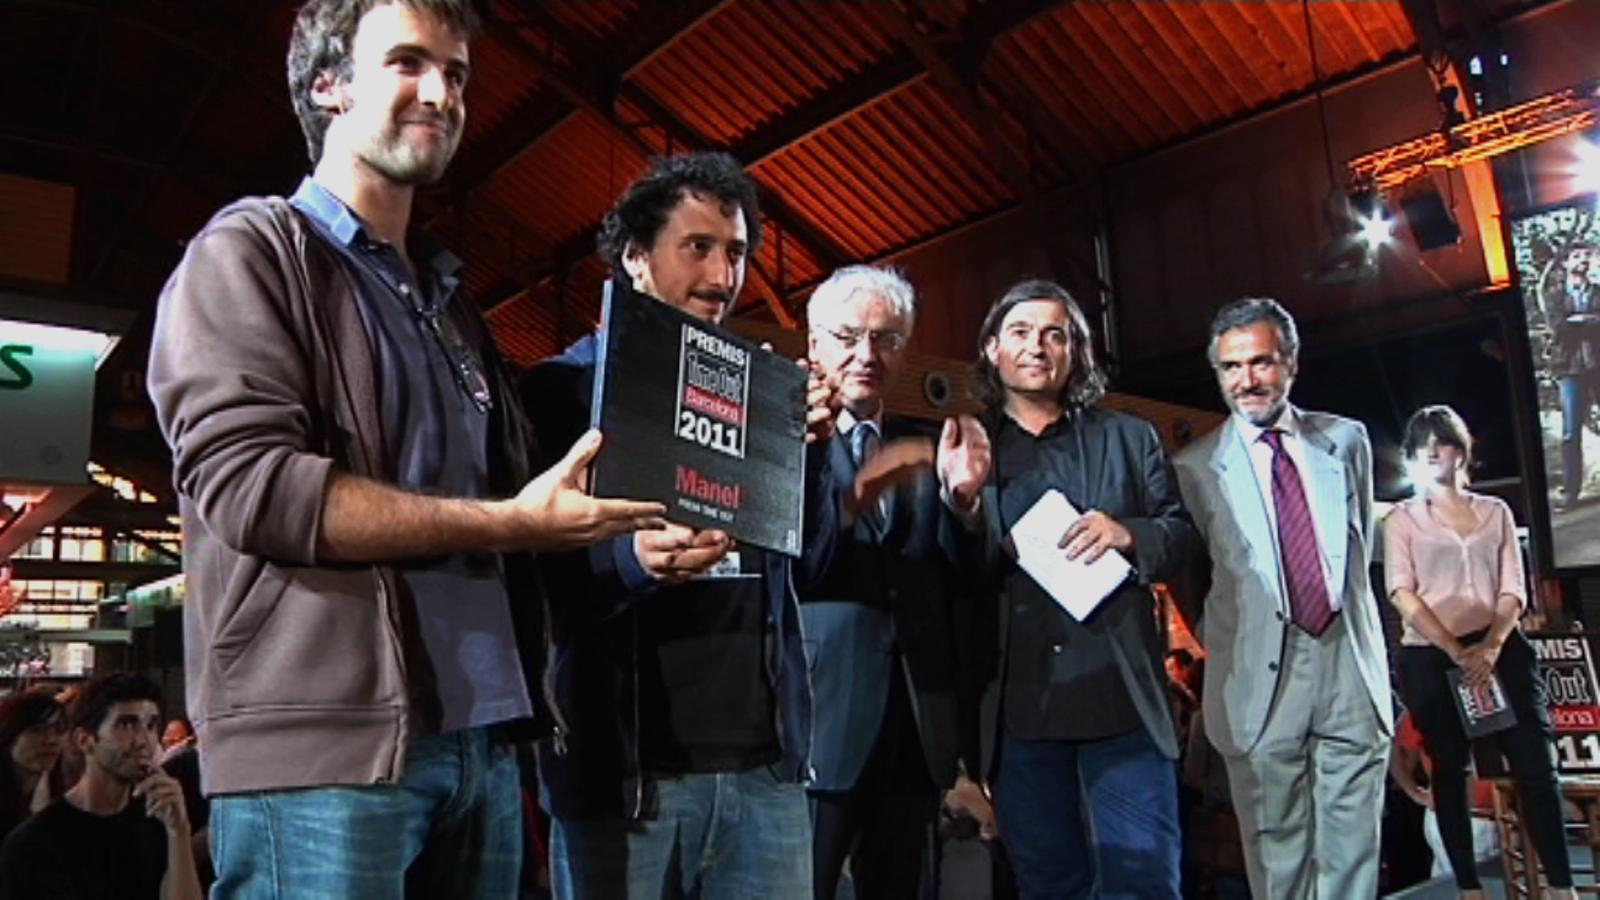 Els Manel triomfen en els premis Time Out Barcelona